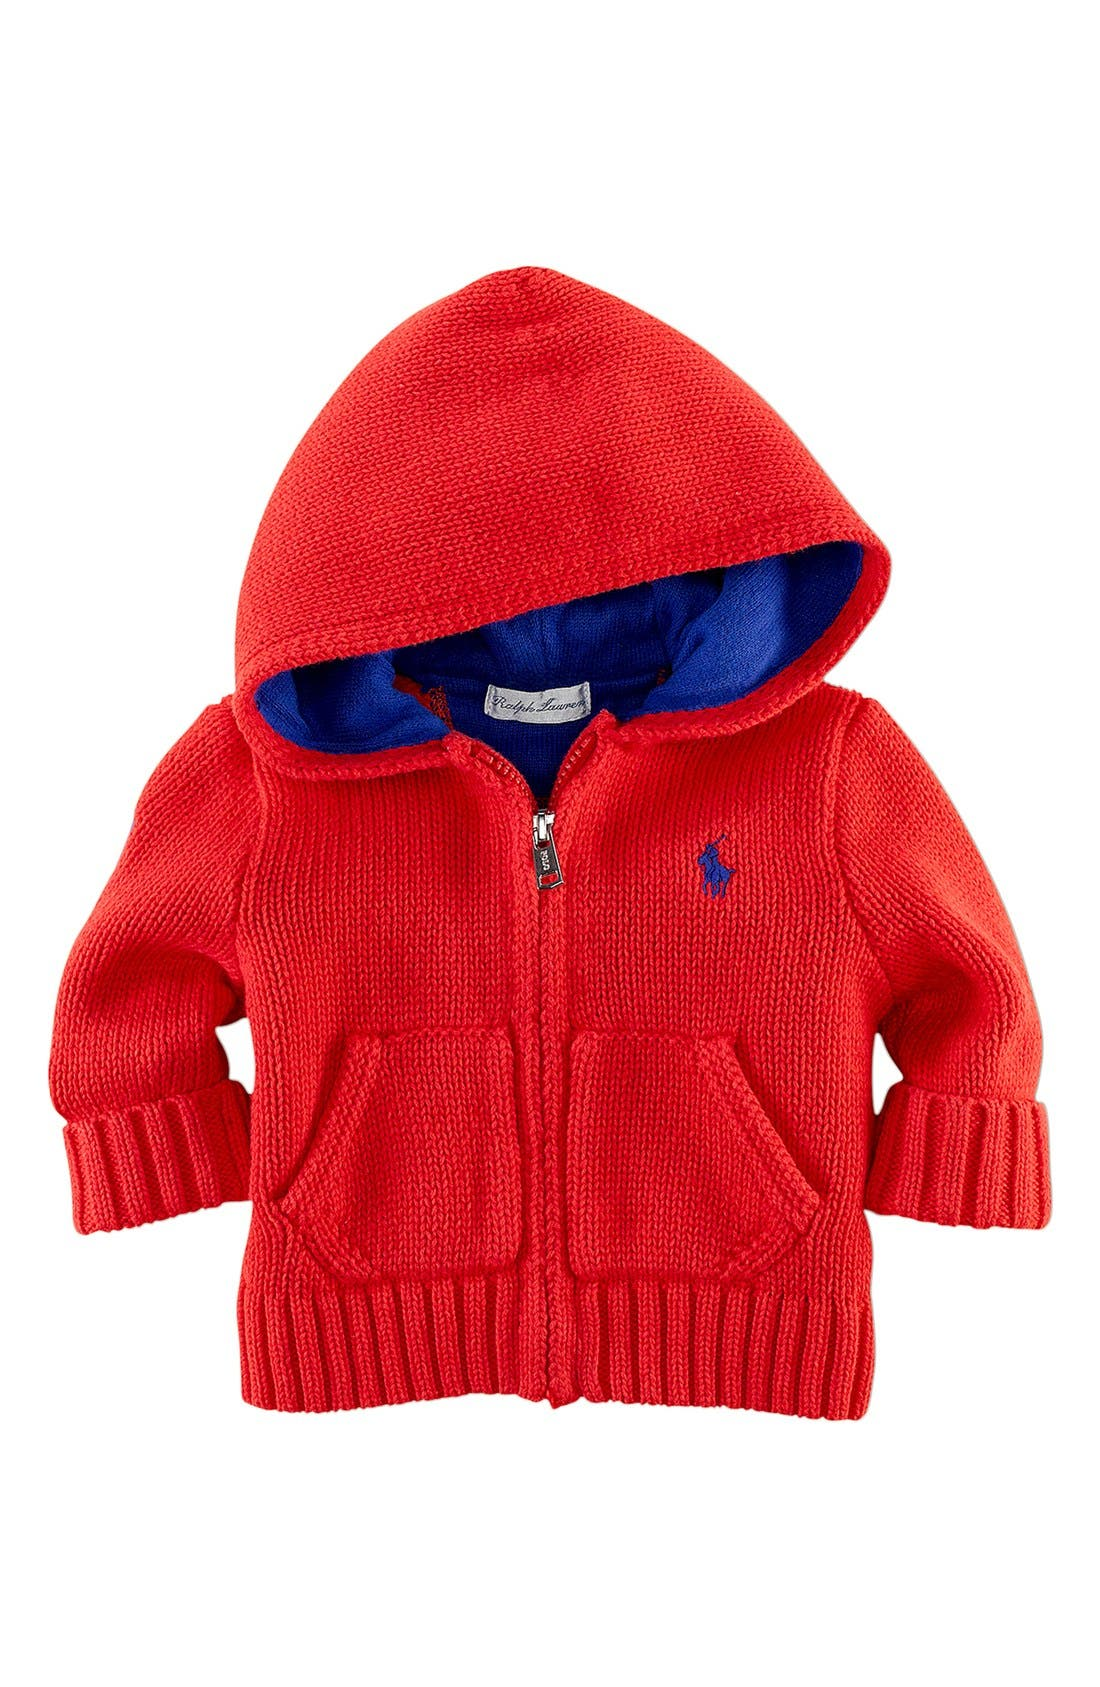 Main Image - Ralph Lauren Full Zip Hooded Cardigan (Baby)